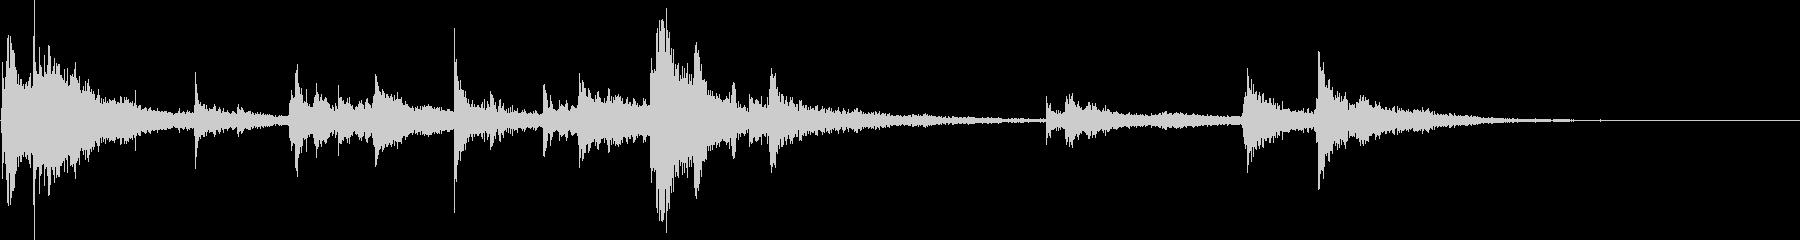 セラミックプレート:タンブルスマッ...の未再生の波形